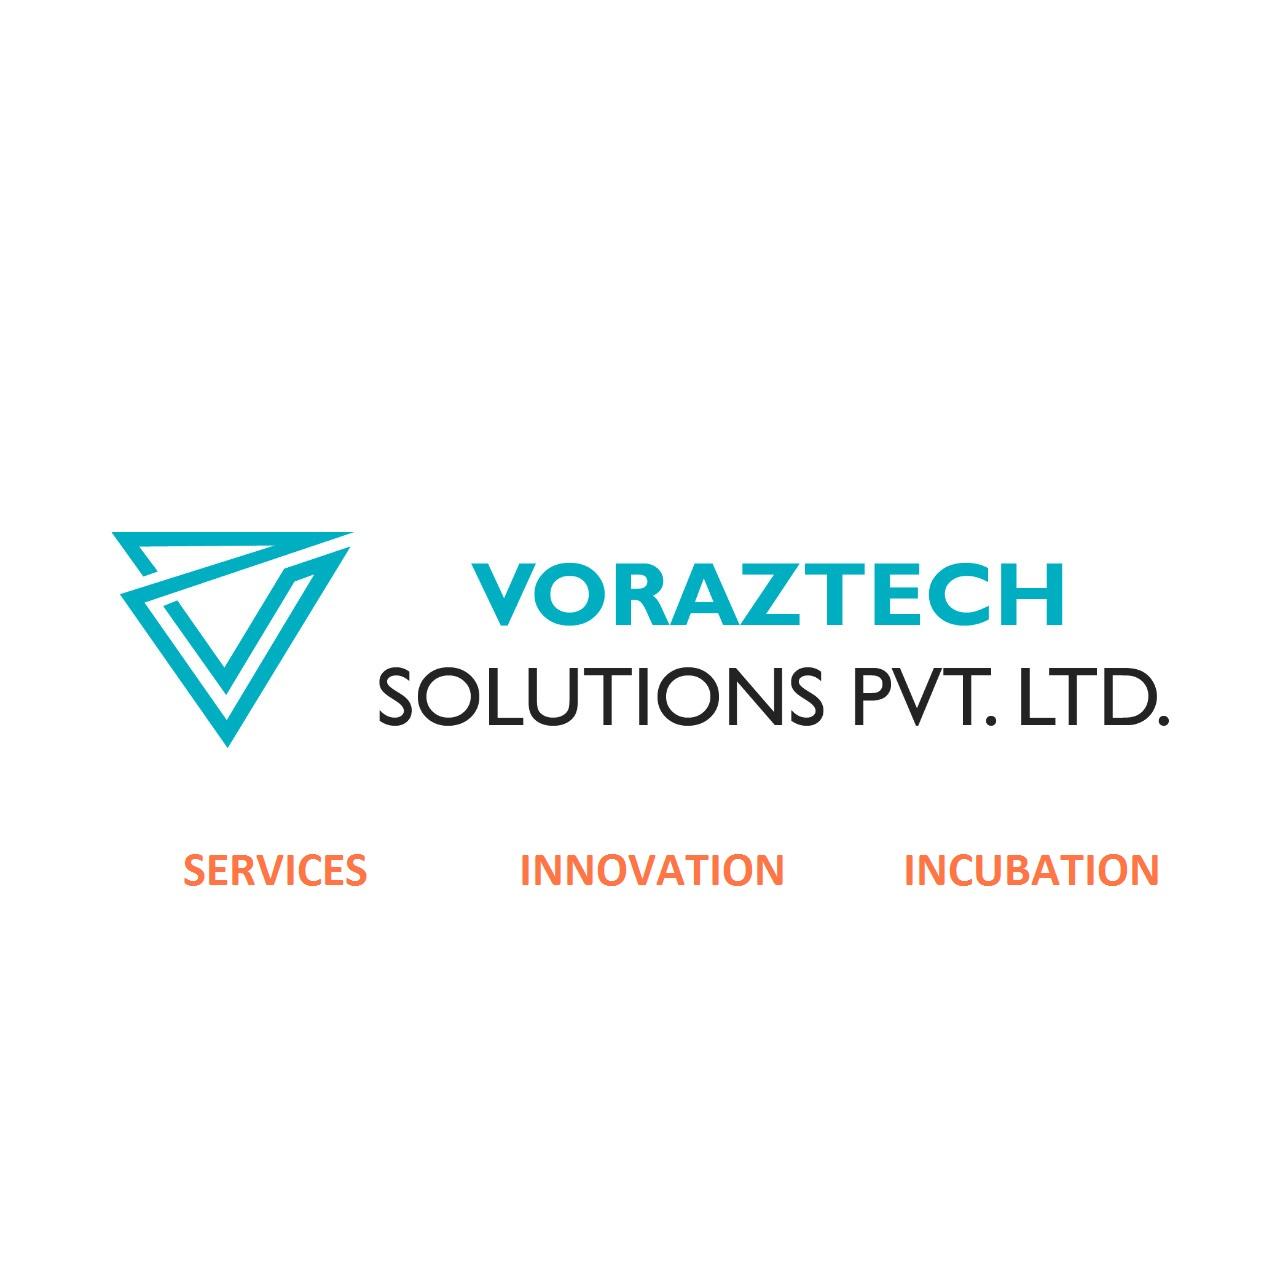 Voraztech Solutions Pvt Ltd In Kukatpally Hyderabad 500072 Sulekha Hyderabad